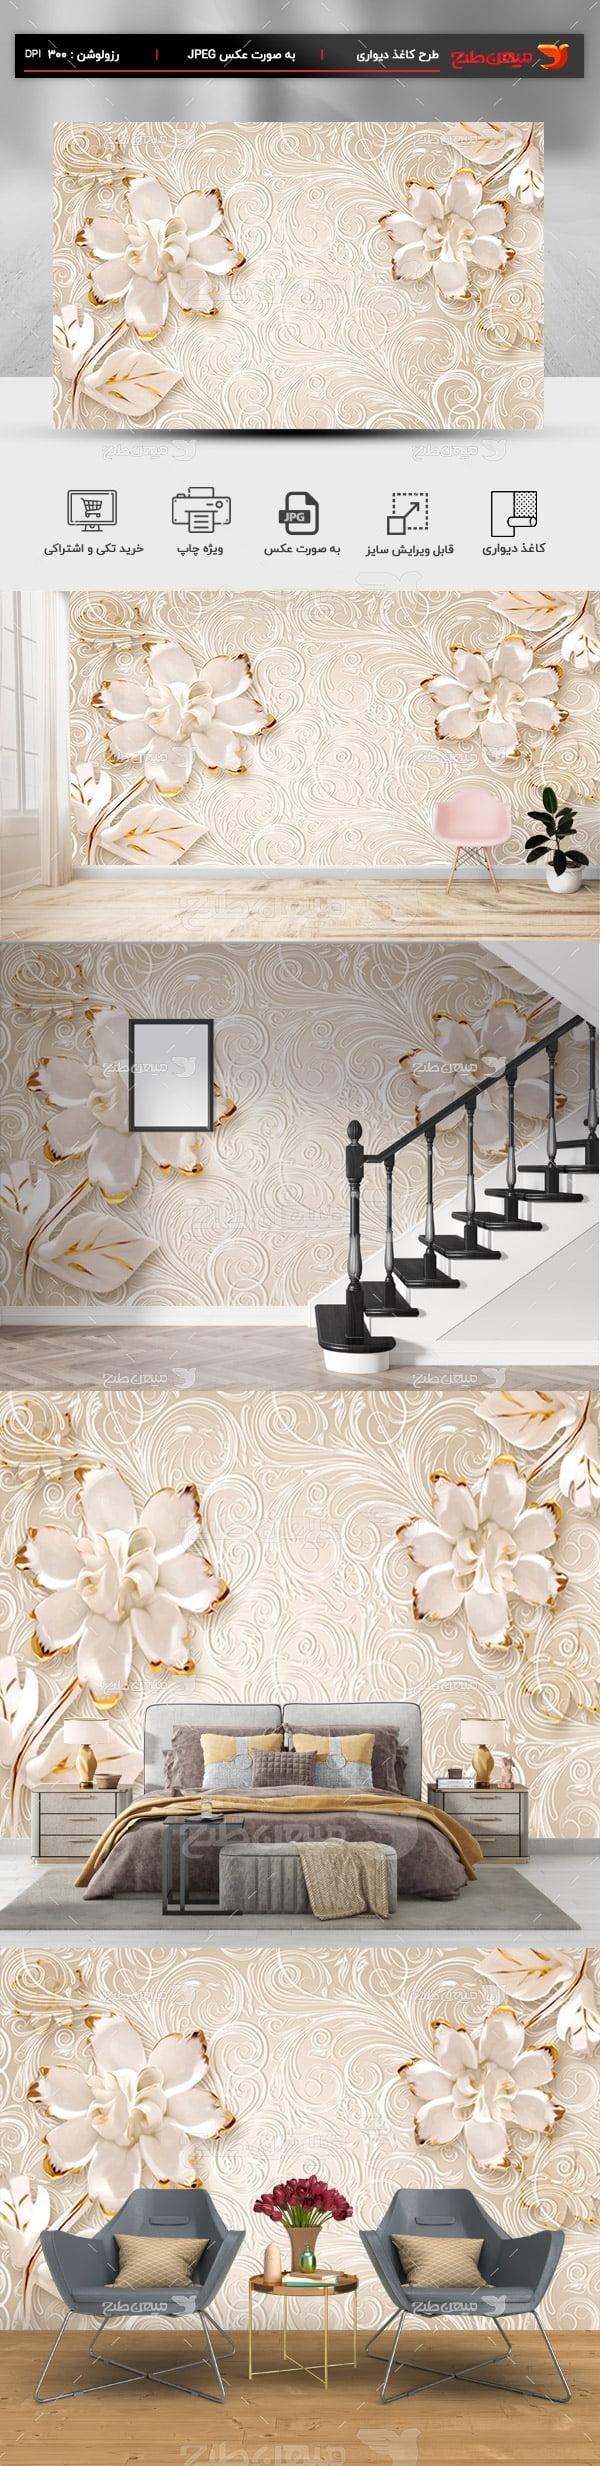 پوستر کاغذ دیواری سه بعدی کرم با گل طلایی